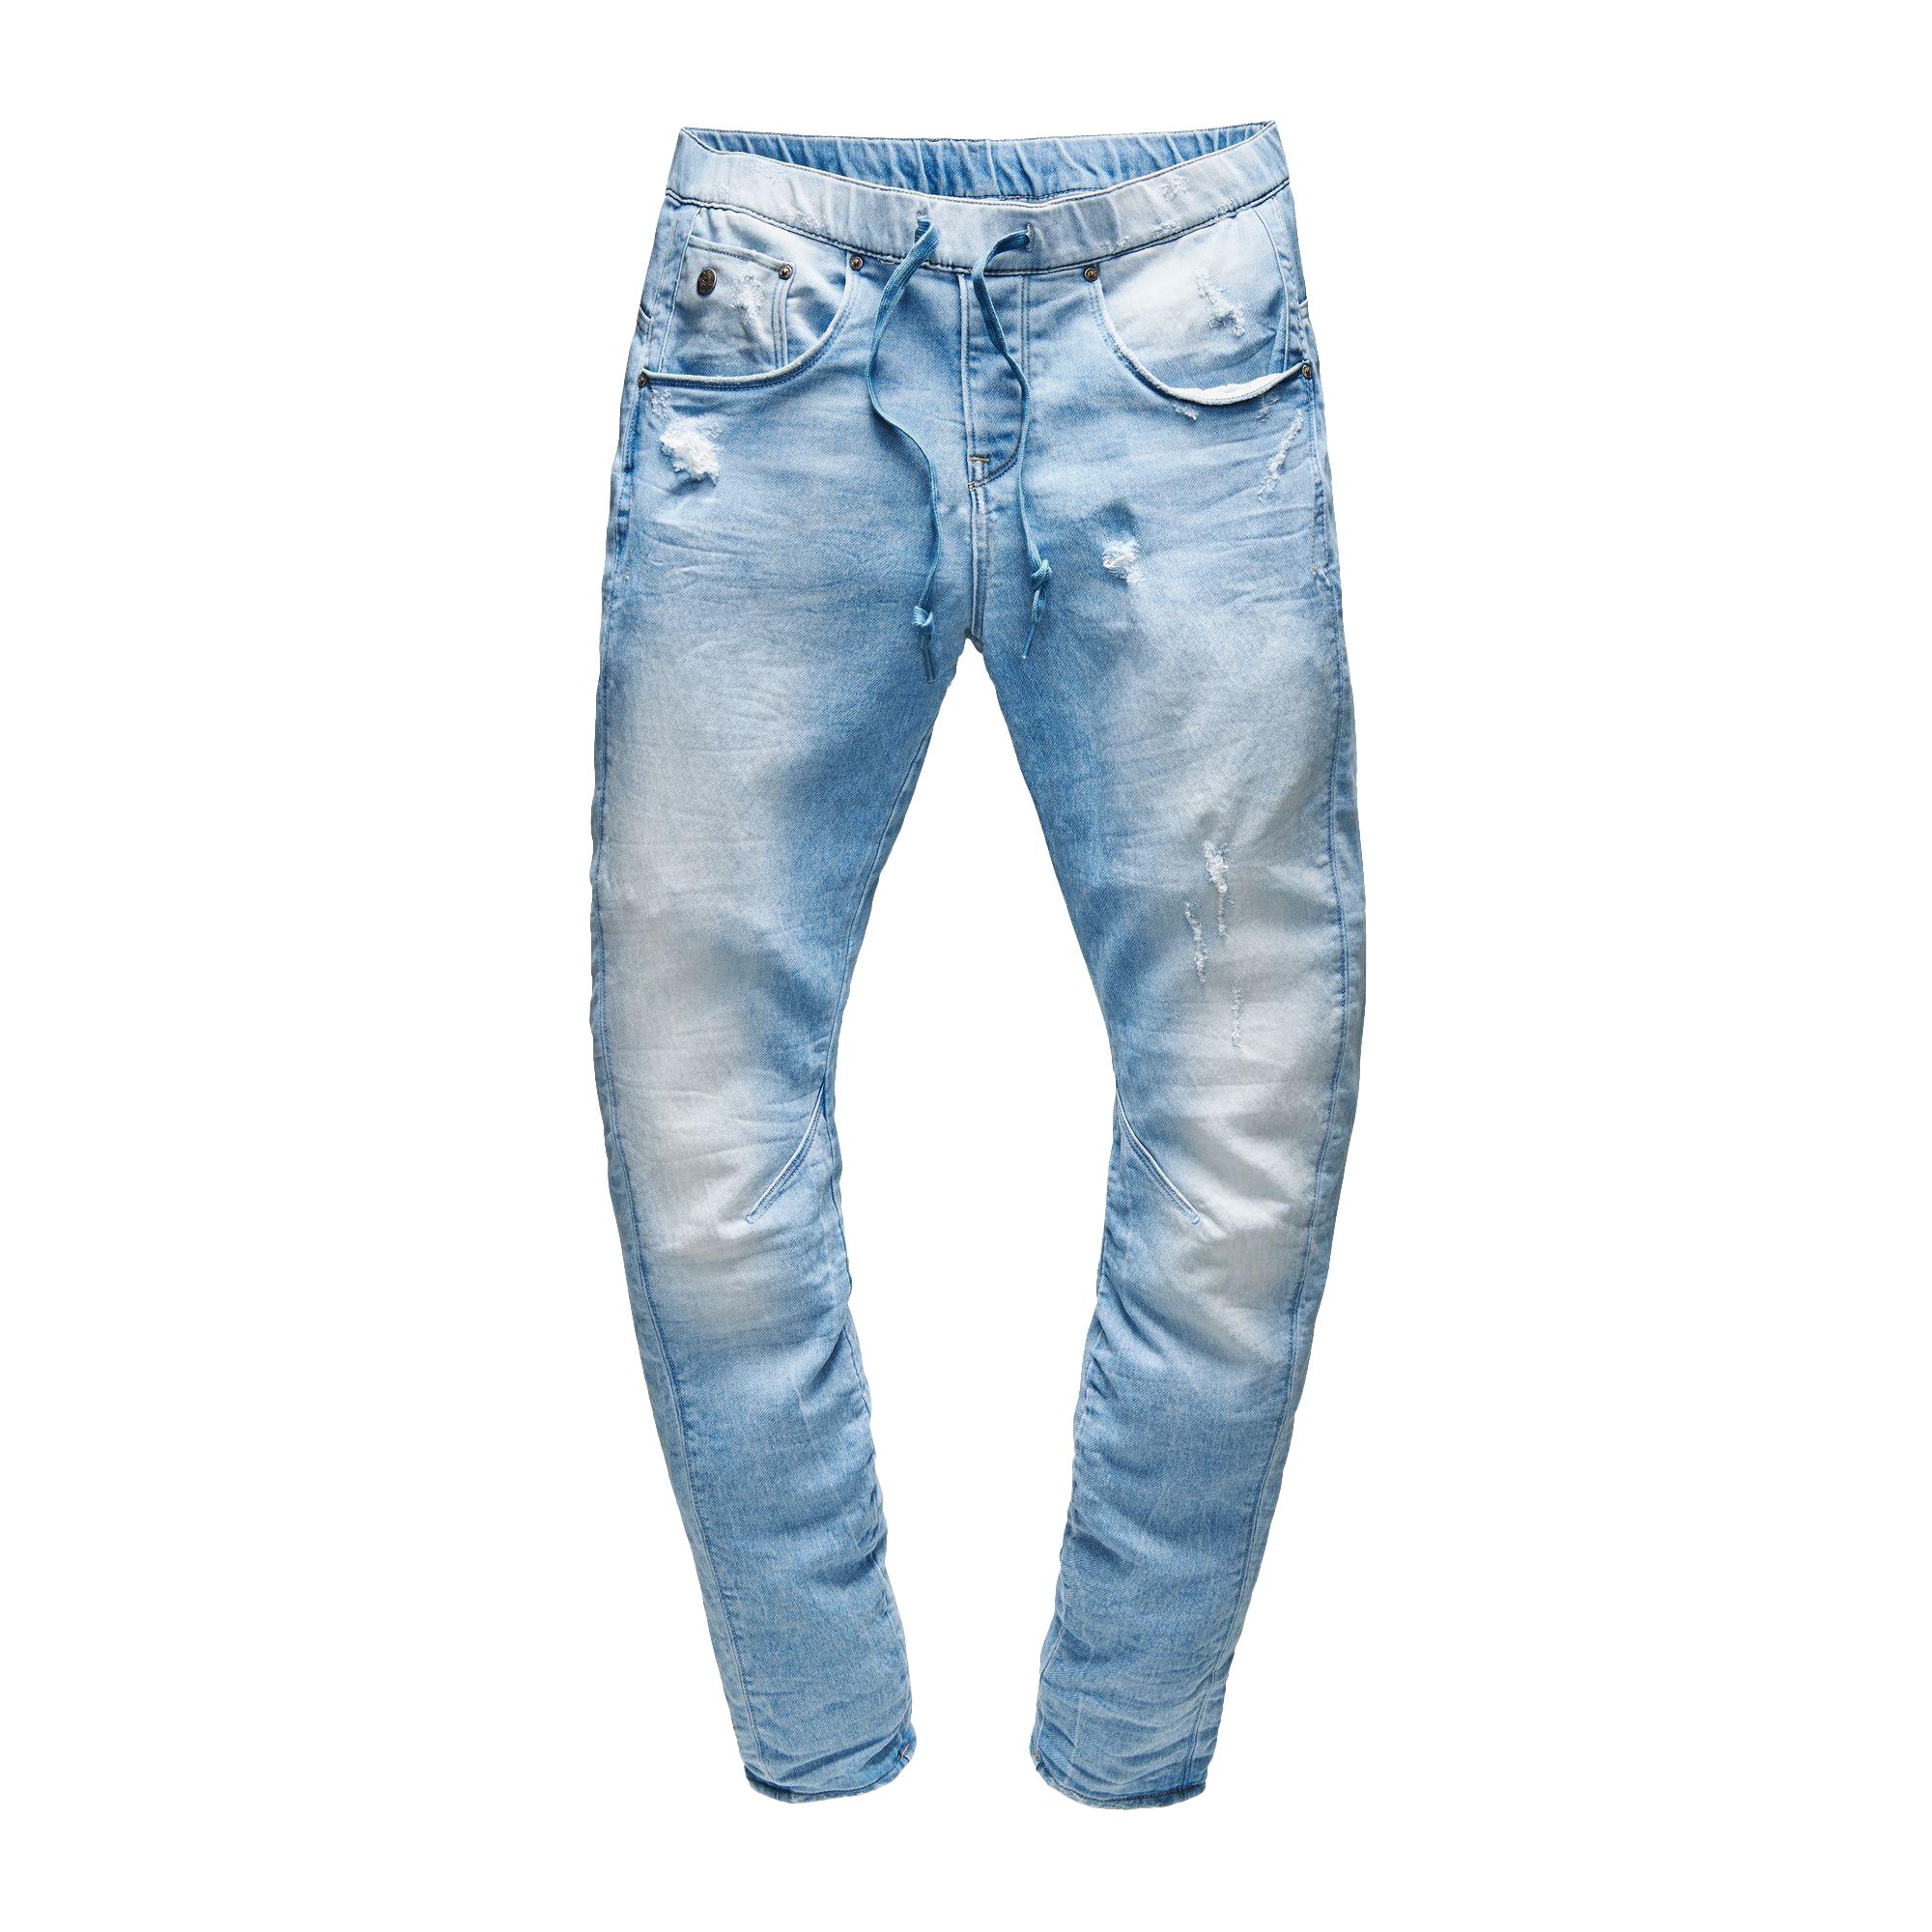 G-STAR RAW Dames Jeans Boyfriend lichtblauw